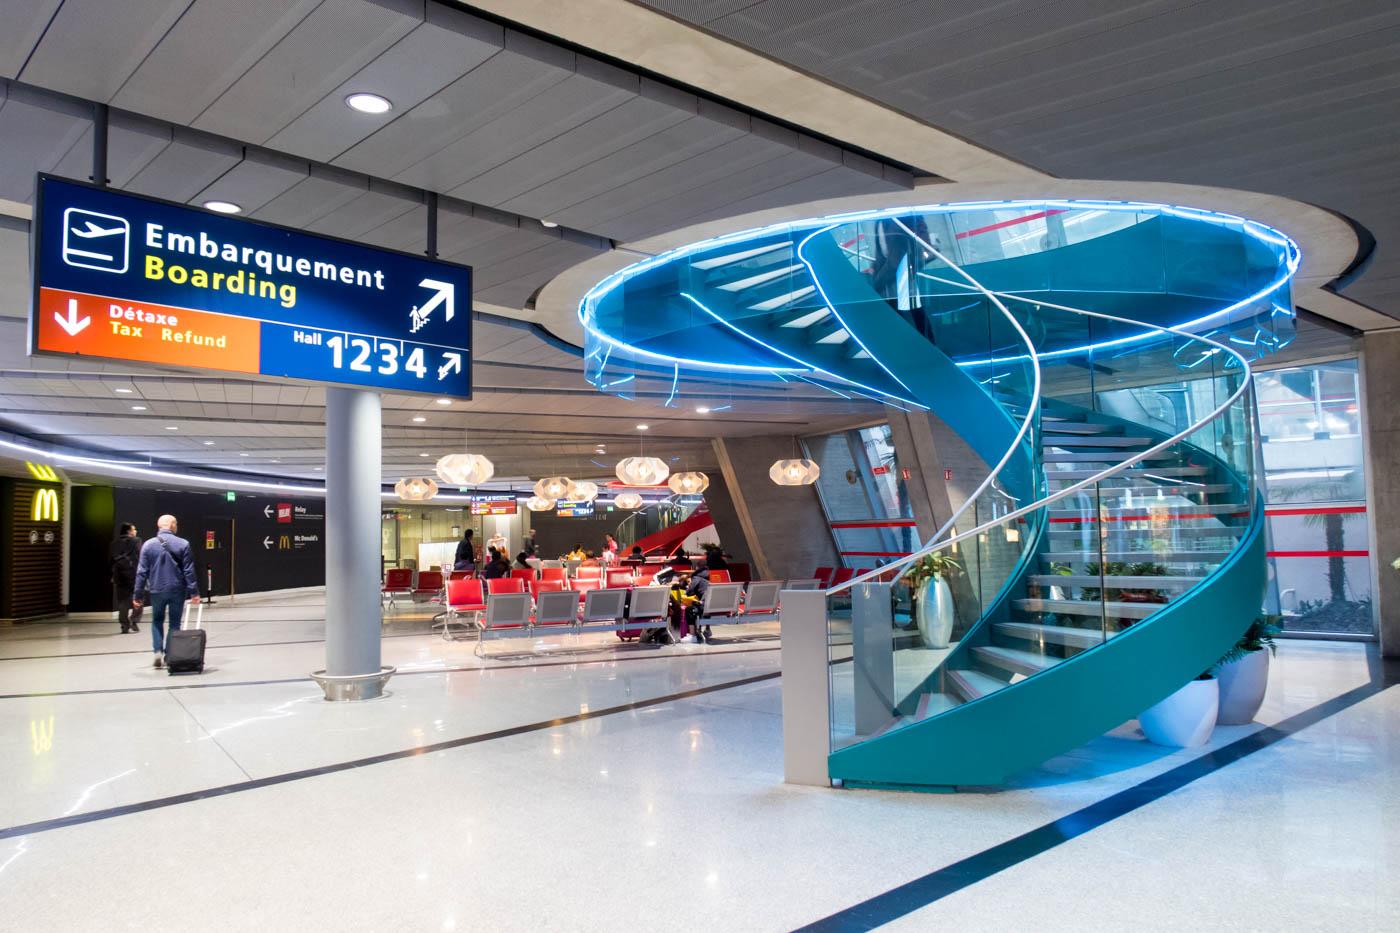 Paris Charles de Gaulle Airport Terminal 1 Interior